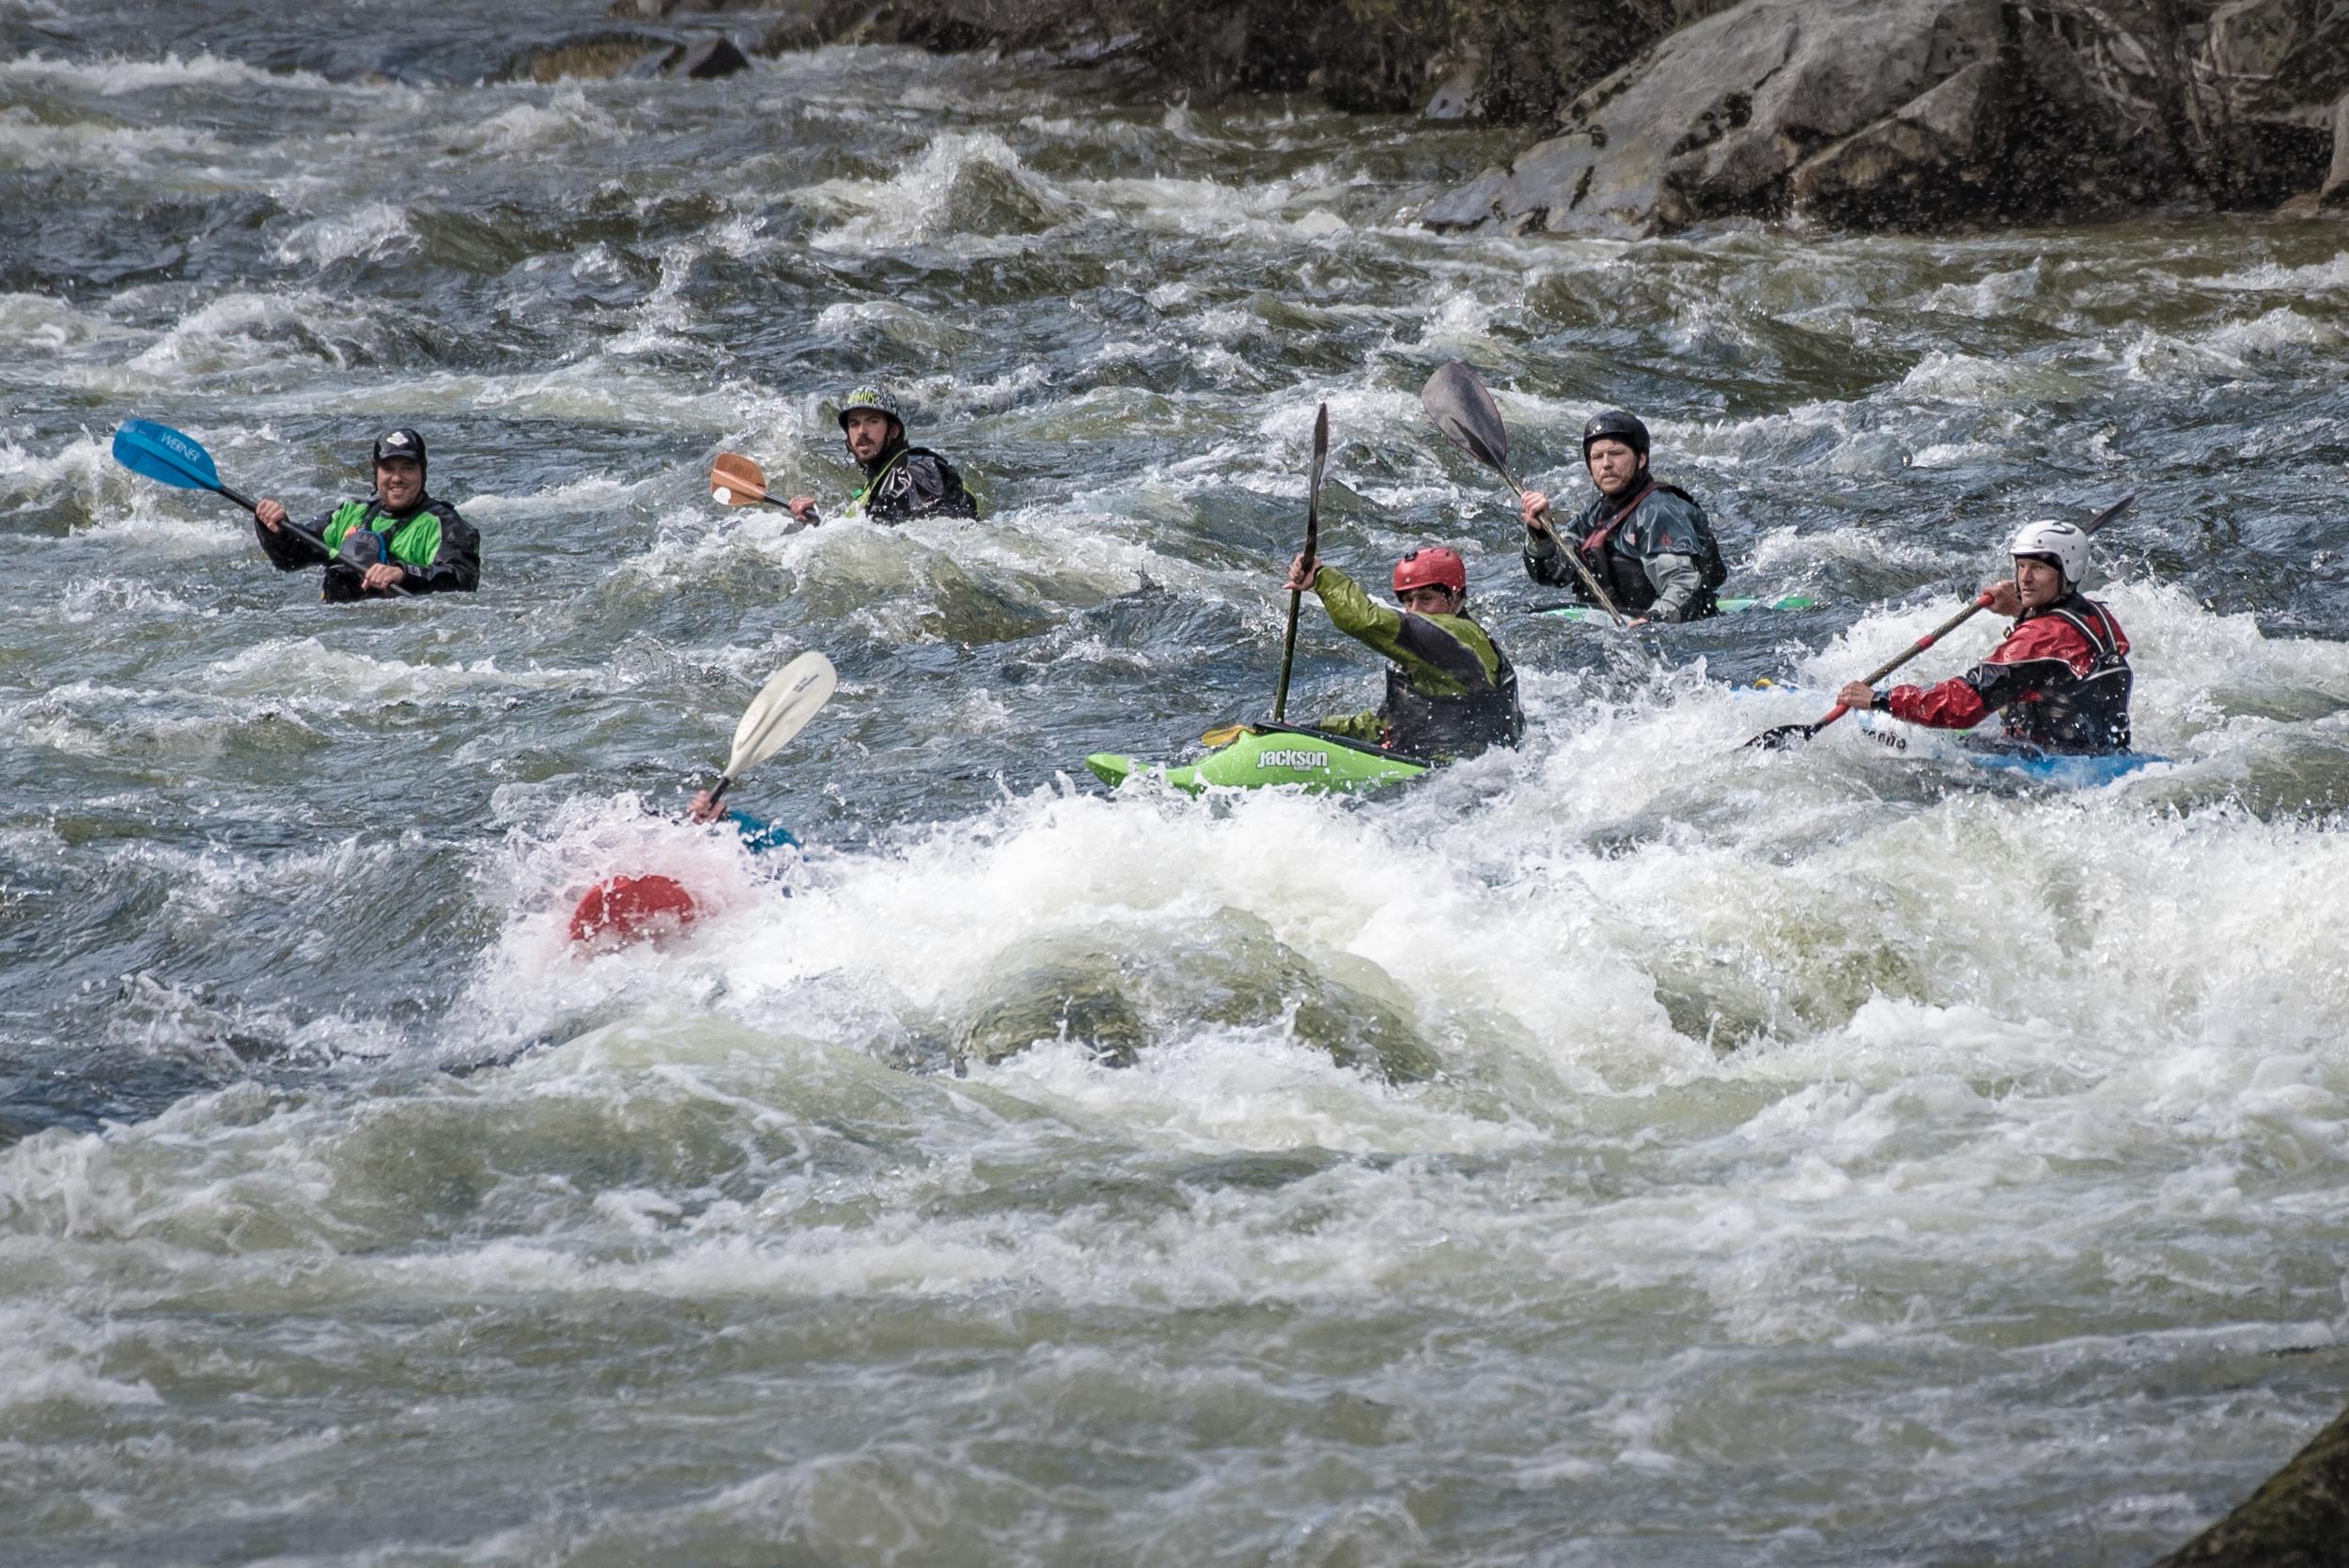 Lochsa Rapids